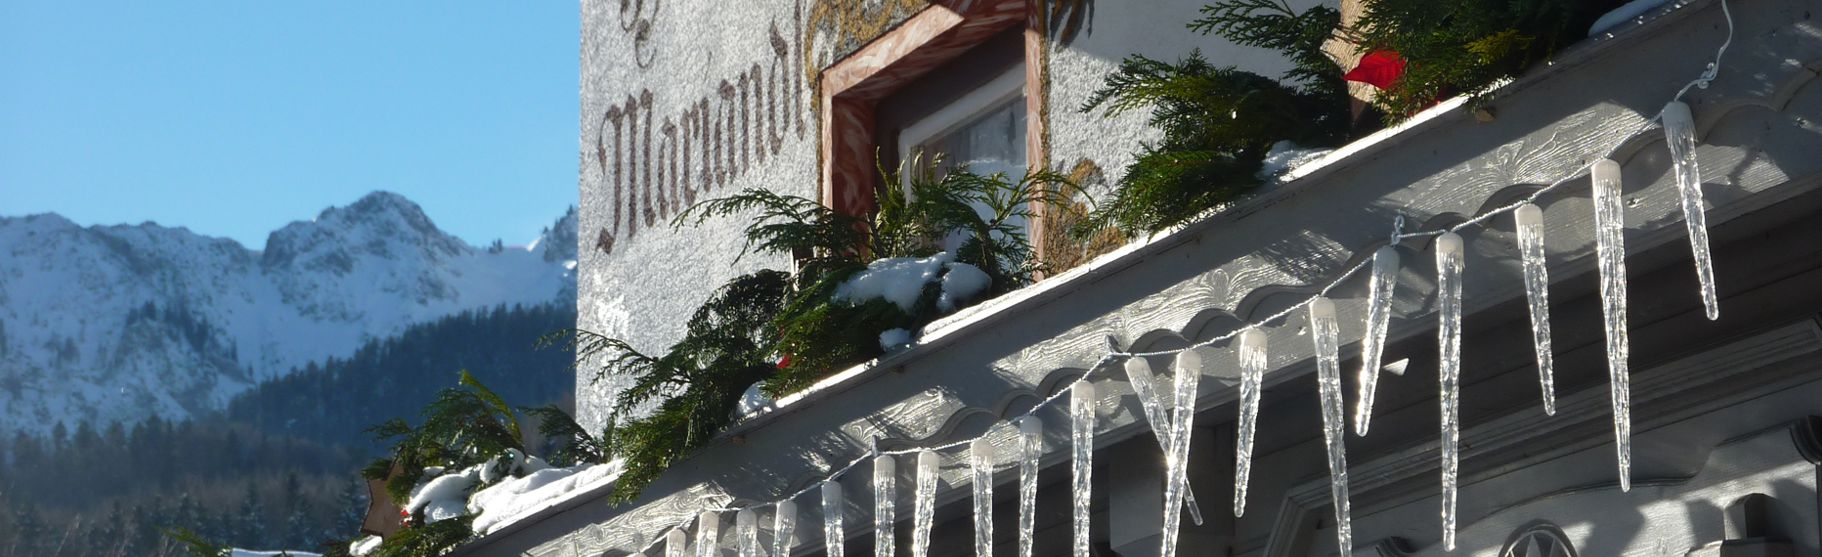 hochfelln-winter.jpg